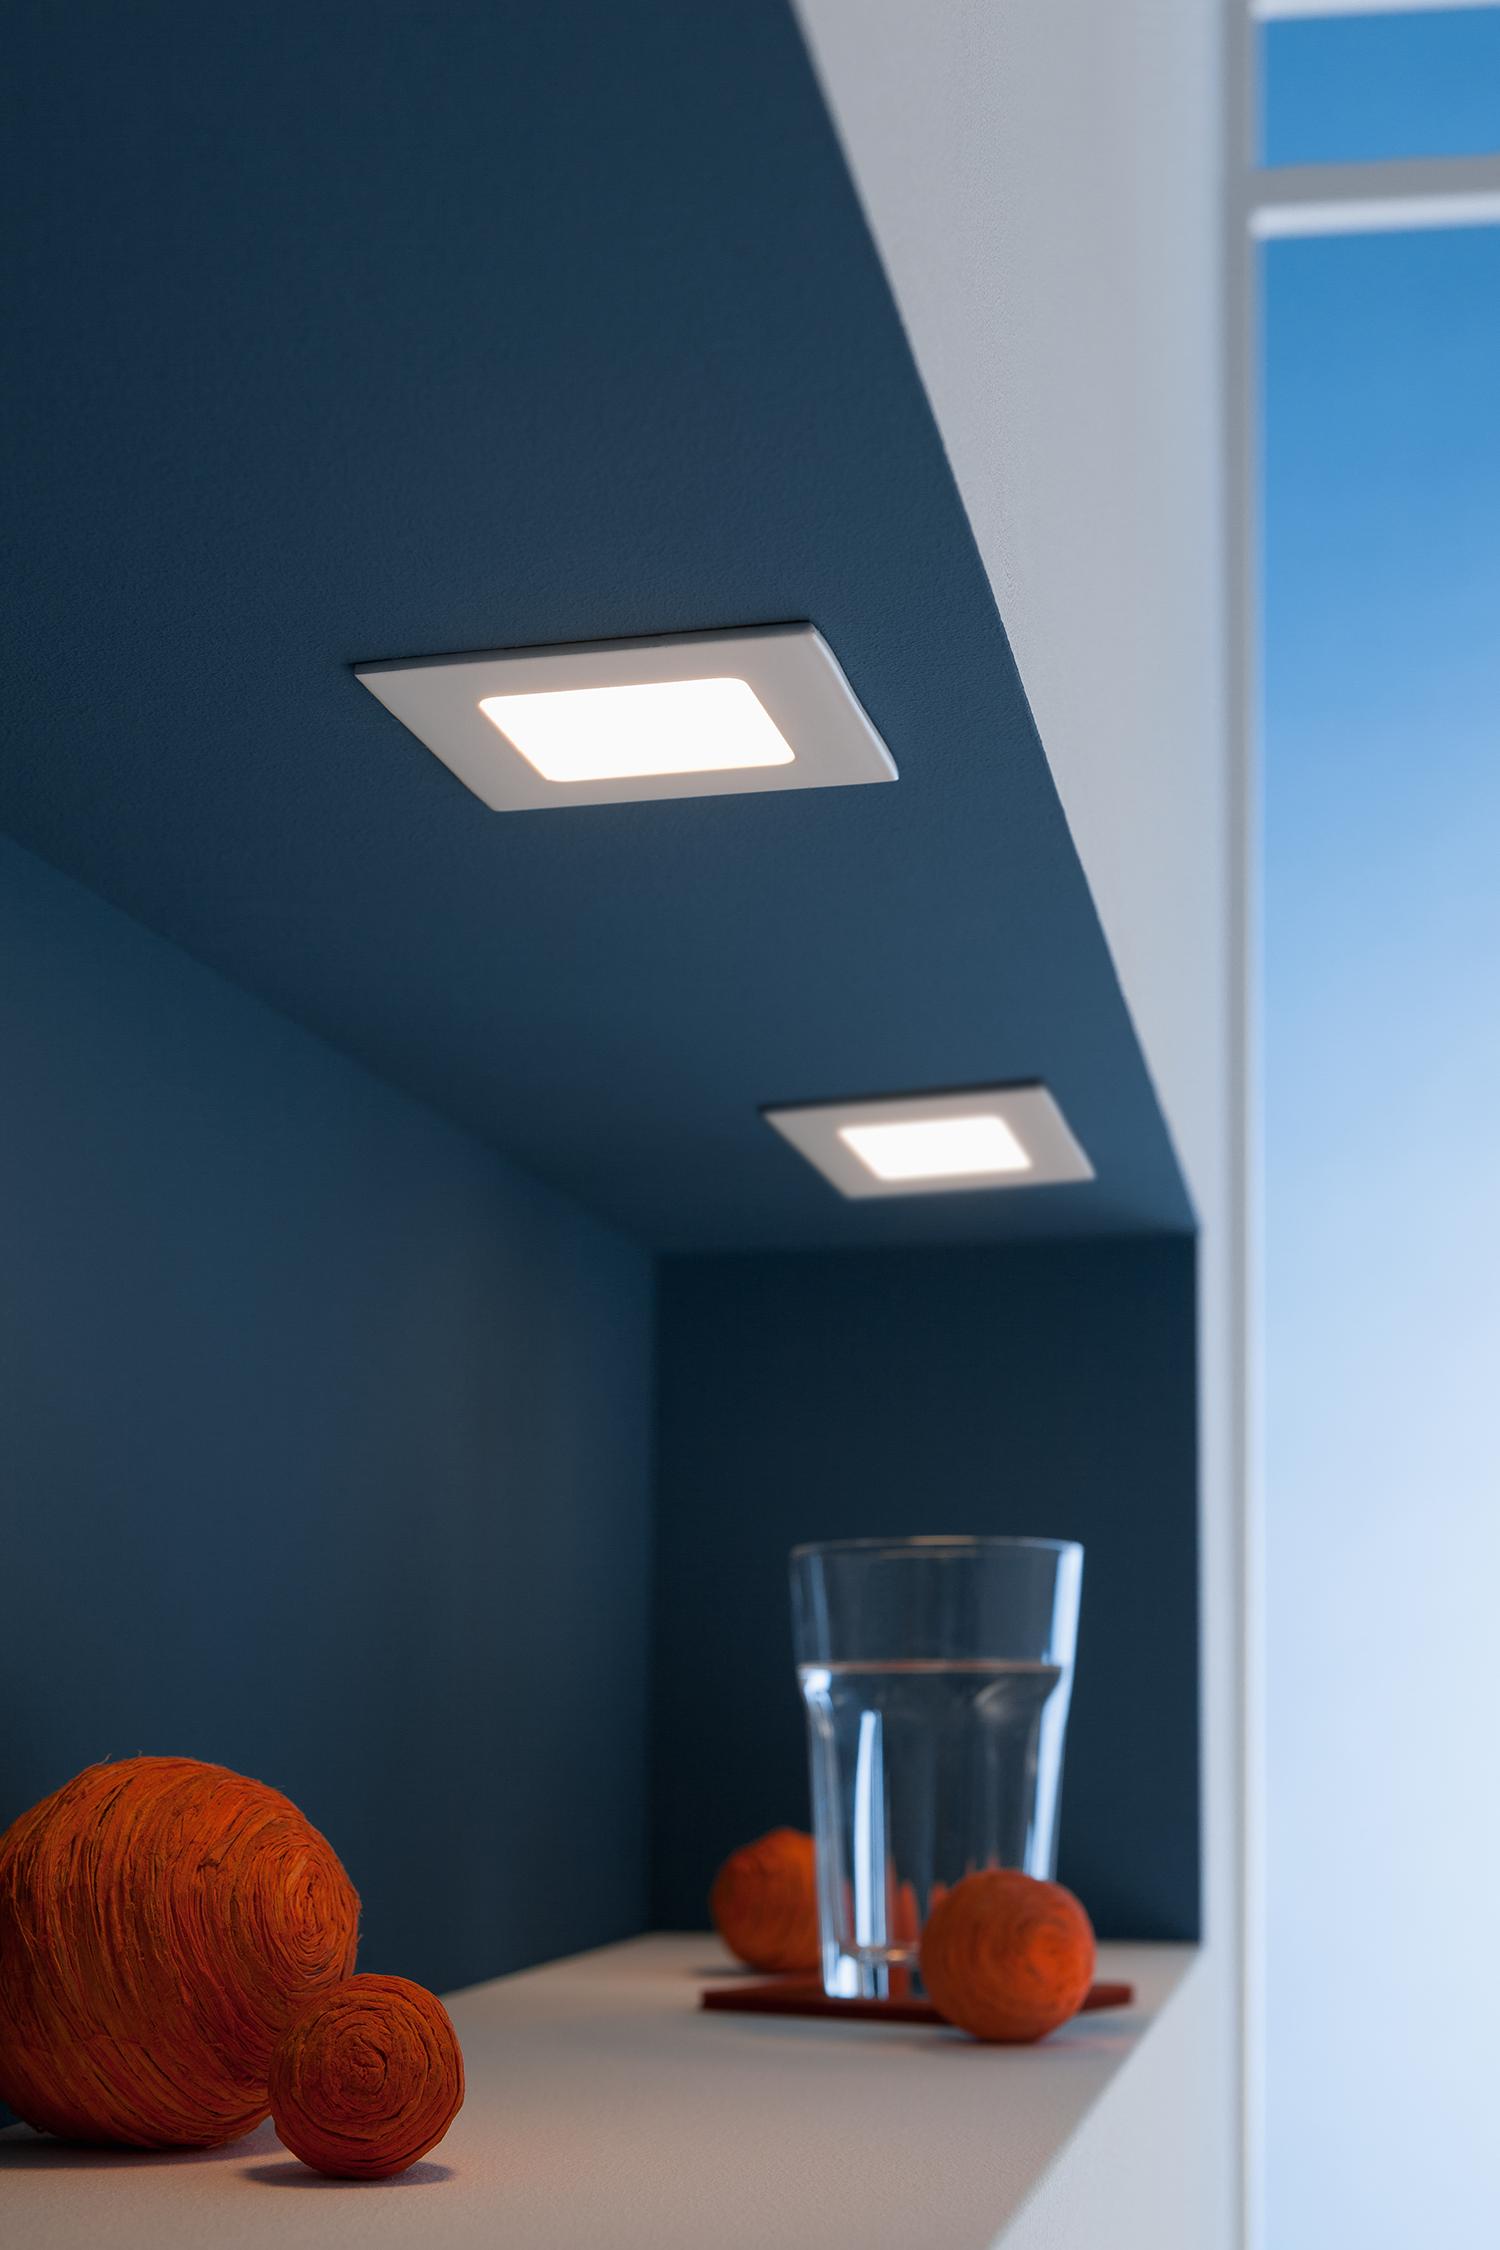 die besten 25 led einbauspots ideen auf pinterest einbauspots hotel kristall und lampen. Black Bedroom Furniture Sets. Home Design Ideas